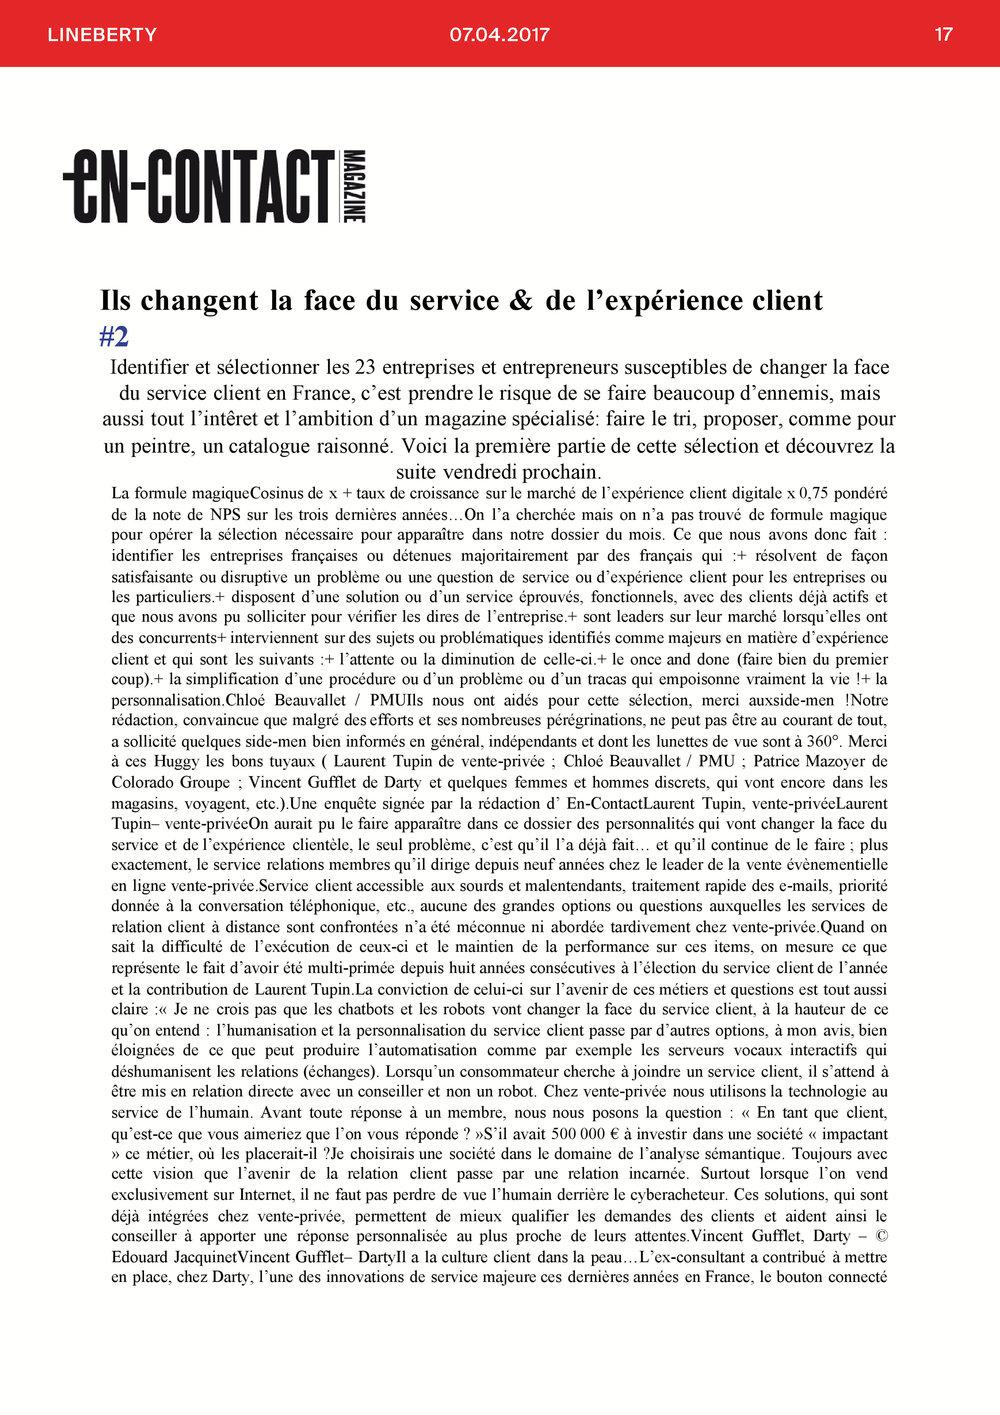 BOOKMEDIA_AVRIL_017.jpg